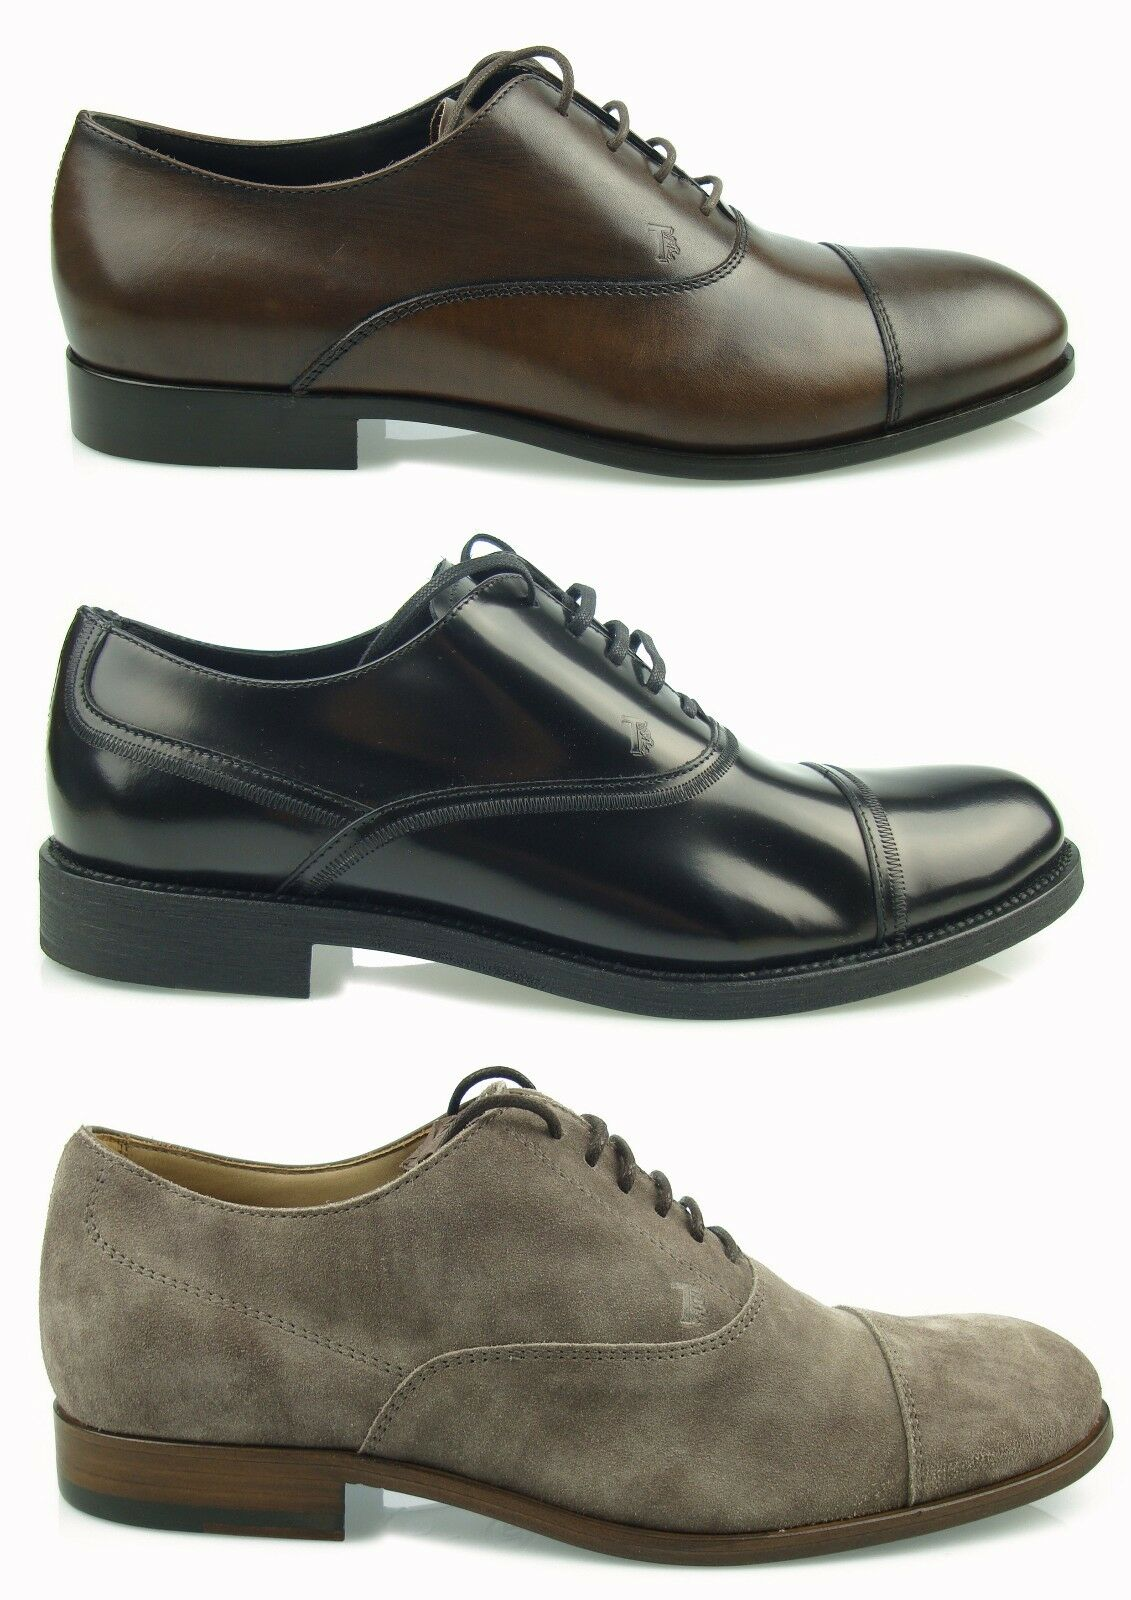 shopping online e negozio di moda  550 TOD'S SCARPE UOMO Uomo scarpe OXFORD OXFORD OXFORD LACE UP LEATHER NUOVE 100%AUTENTICH MG1  prima qualità ai consumatori